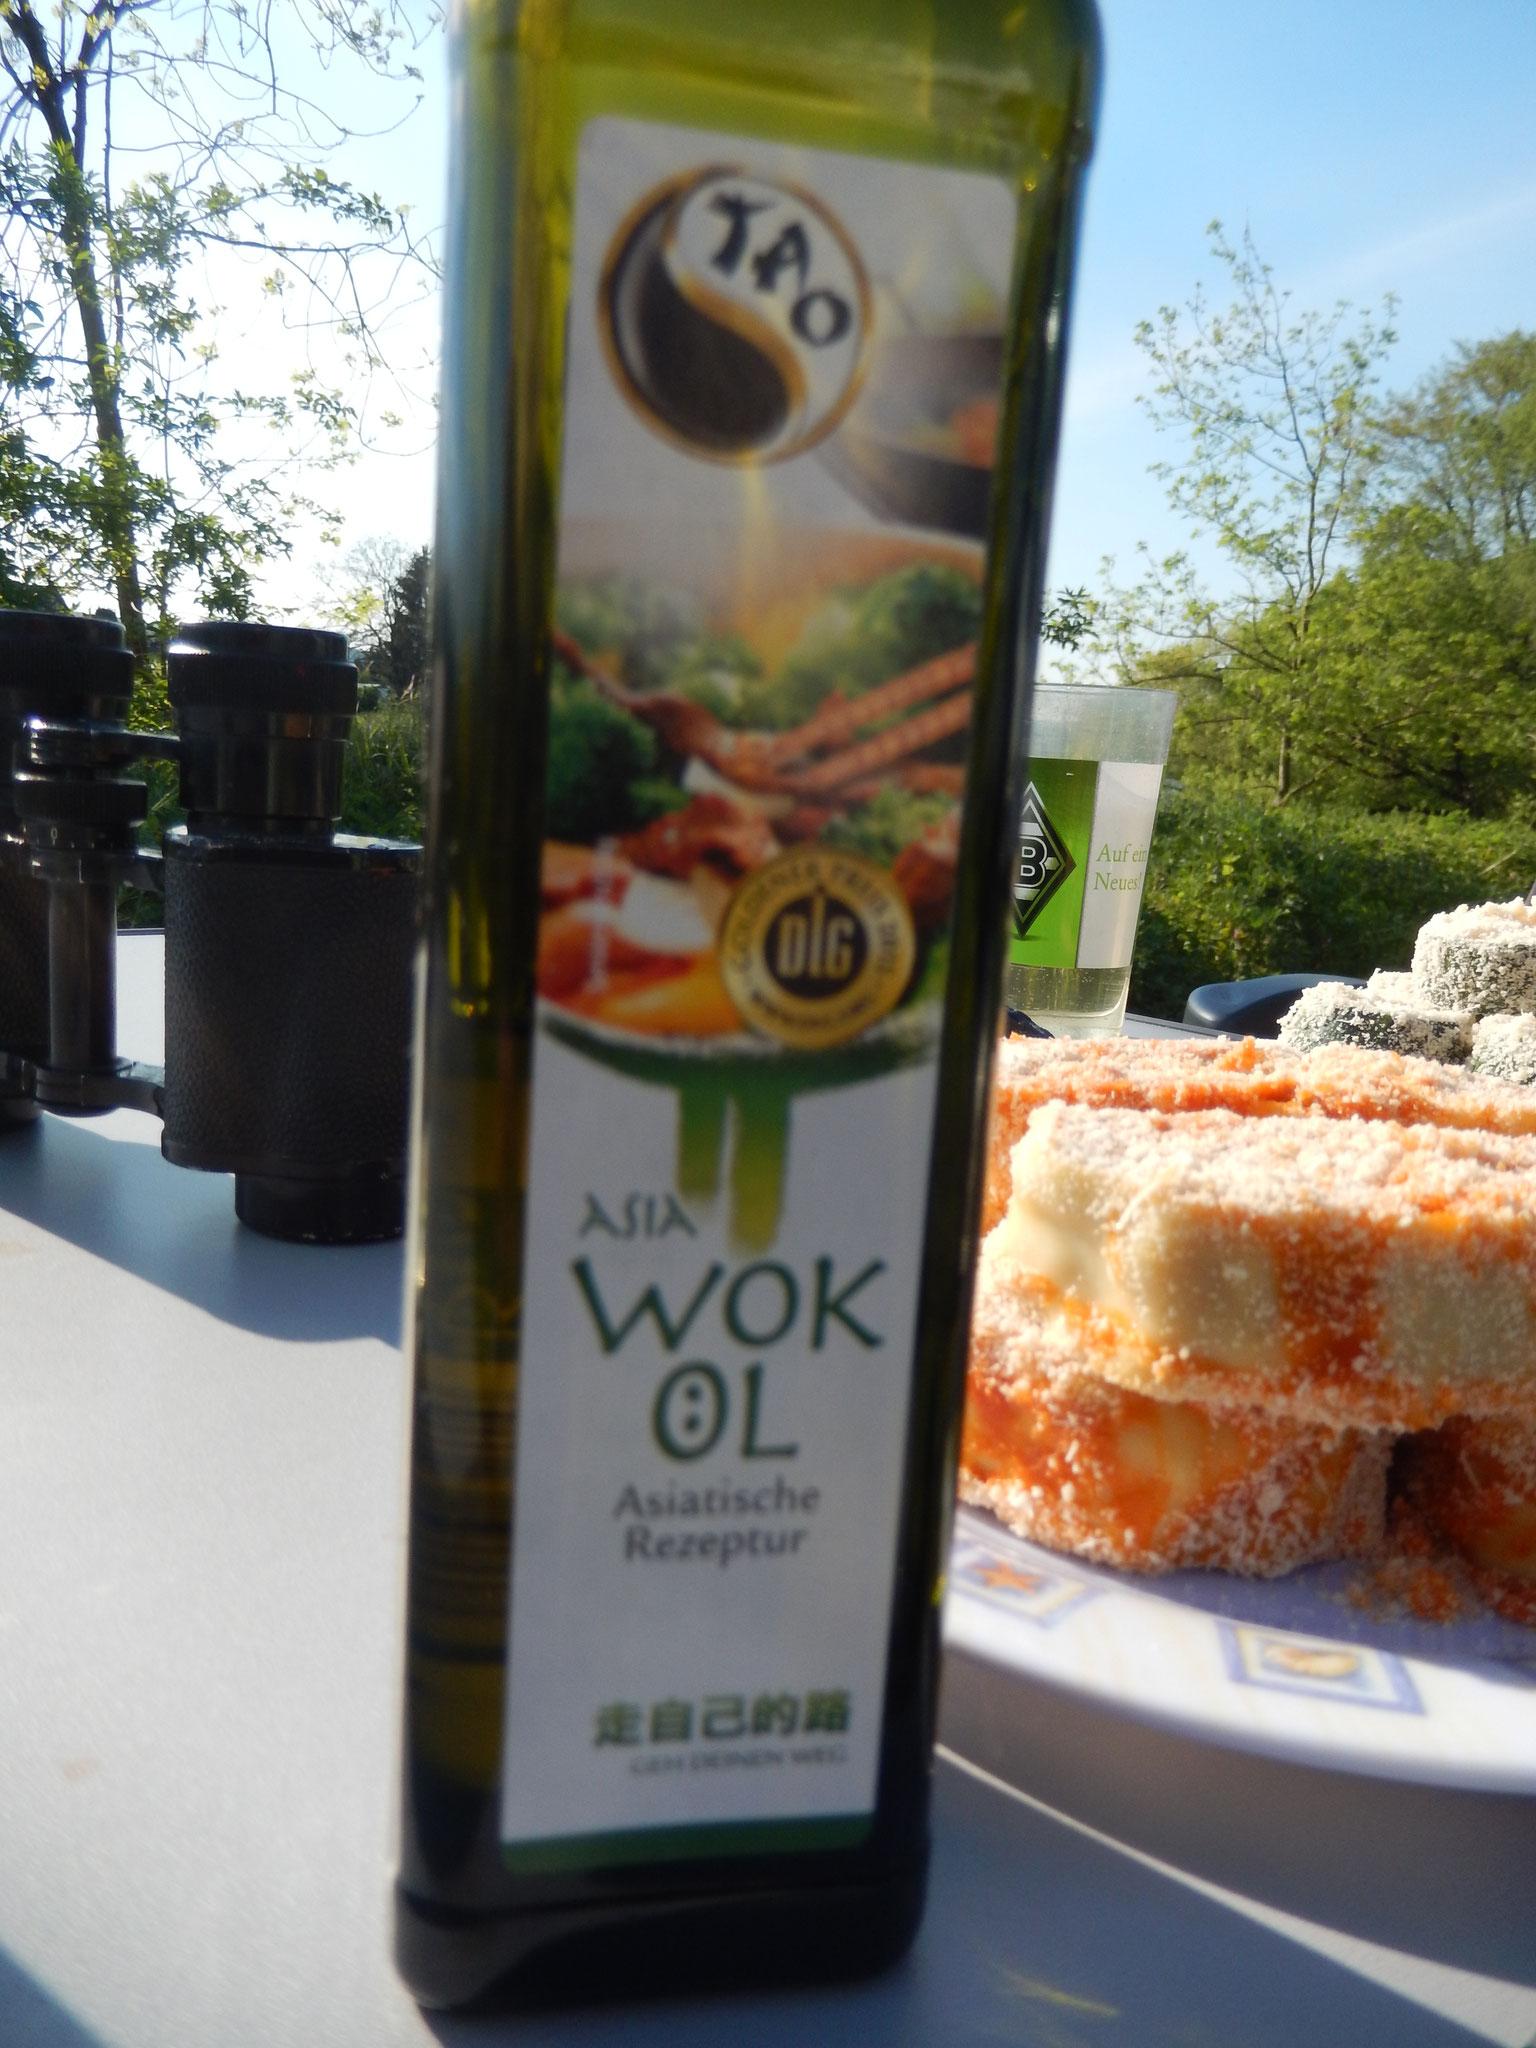 das Asia Wok Öl brauch ich immer mal Tröpfchen weise für die heiße Pfanne